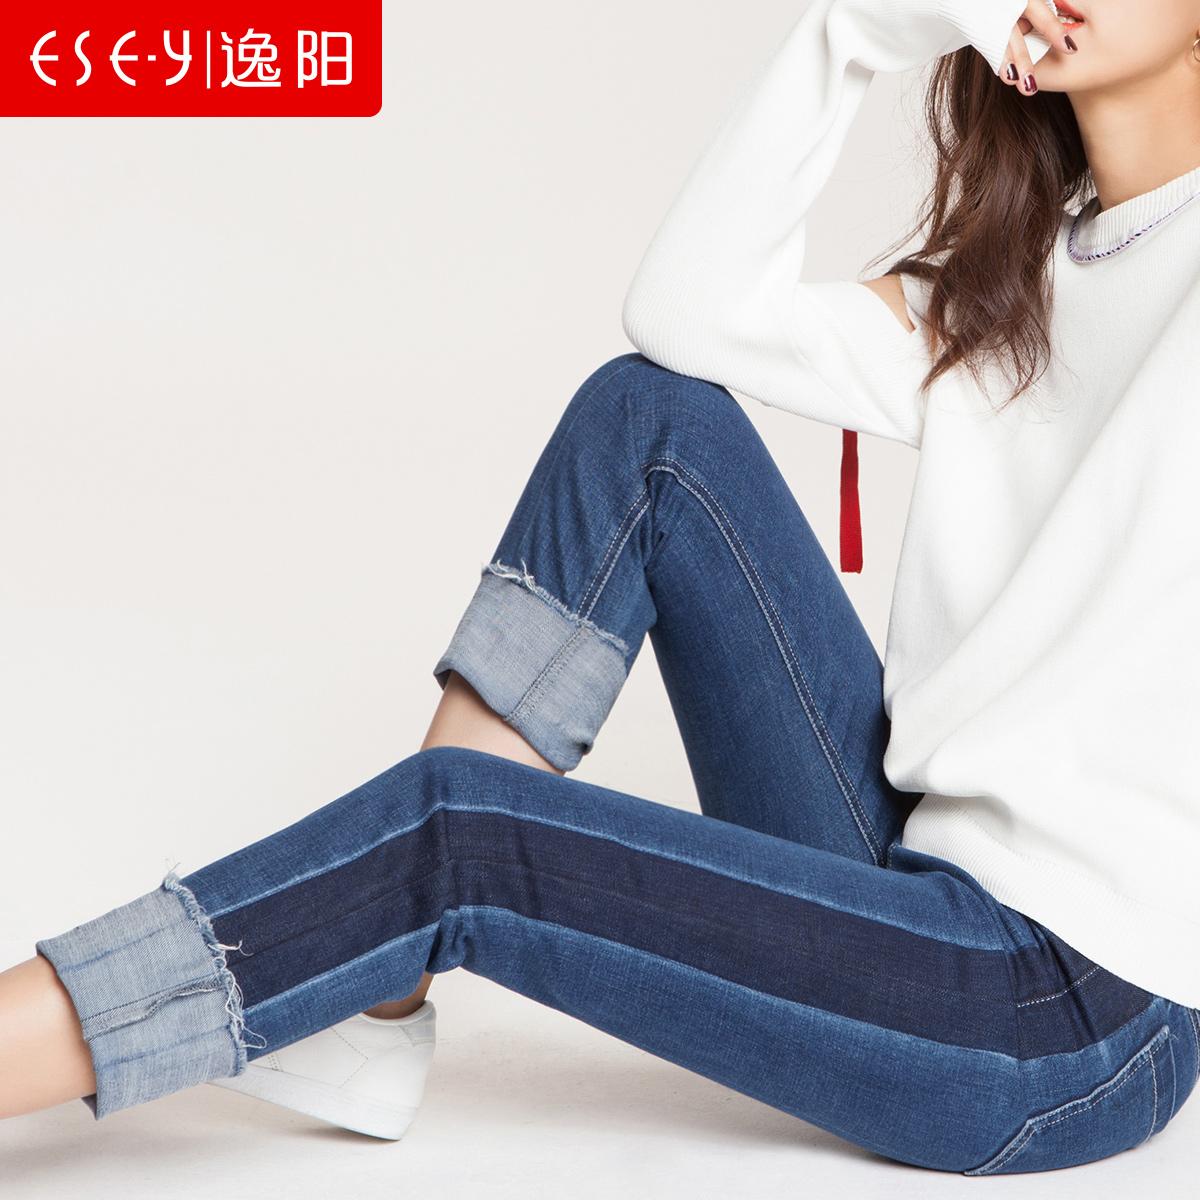 逸阳春季新款牛仔裤女撞色翻边九分裤复古修身直筒裤高腰裤子0243